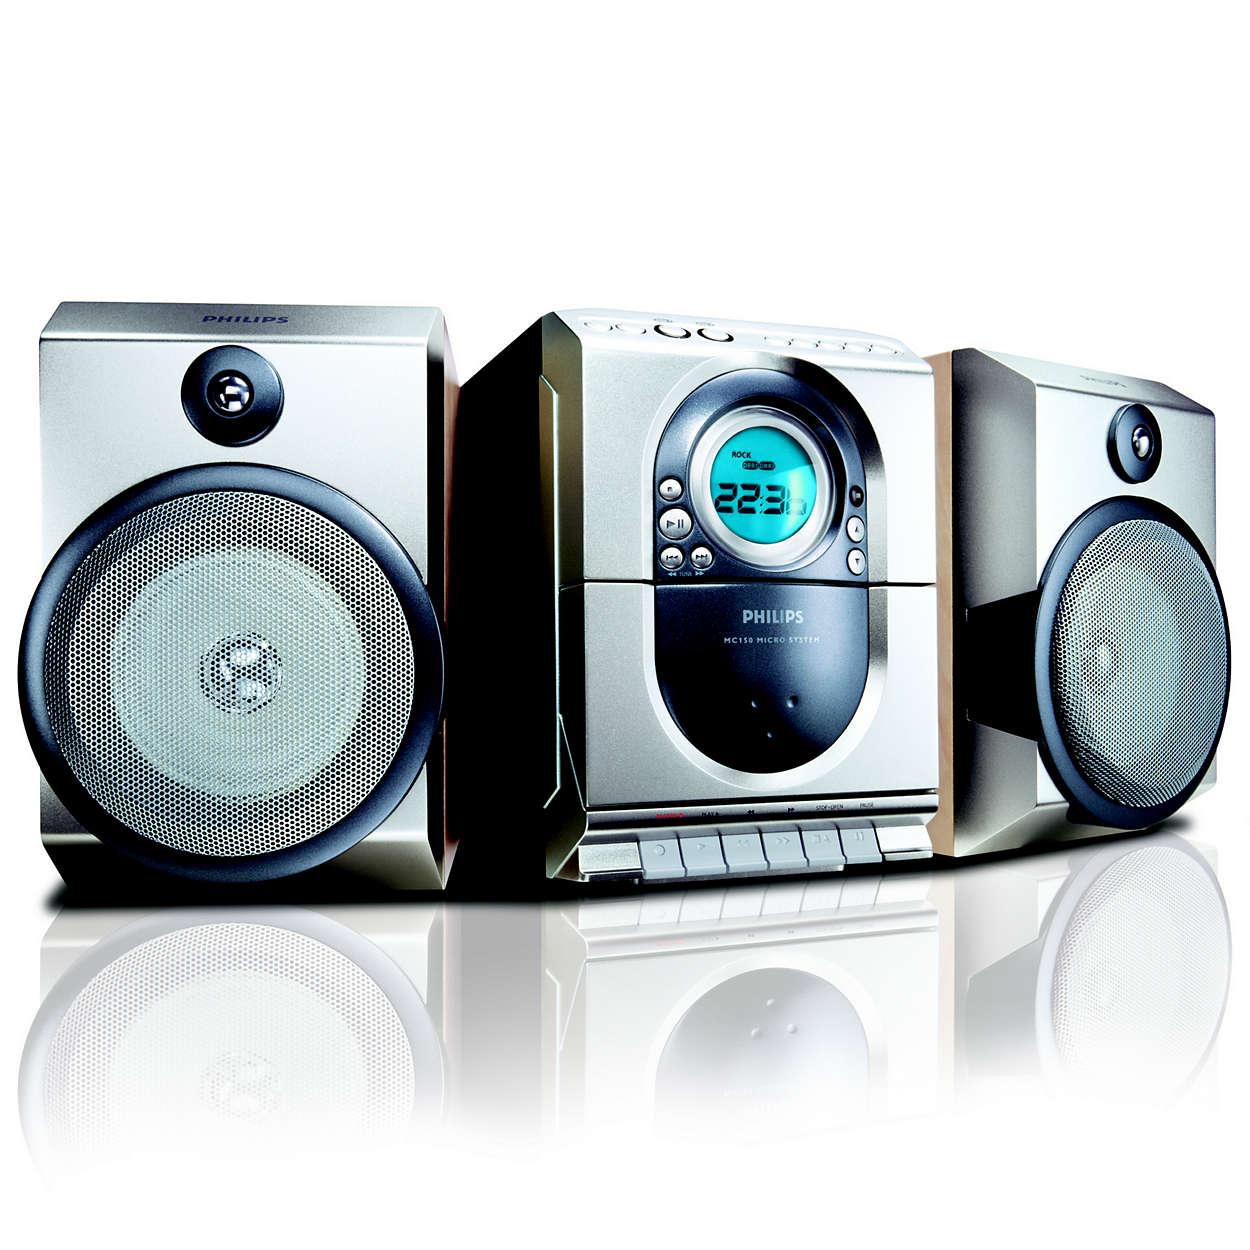 Excelente sonido y diseño compacto